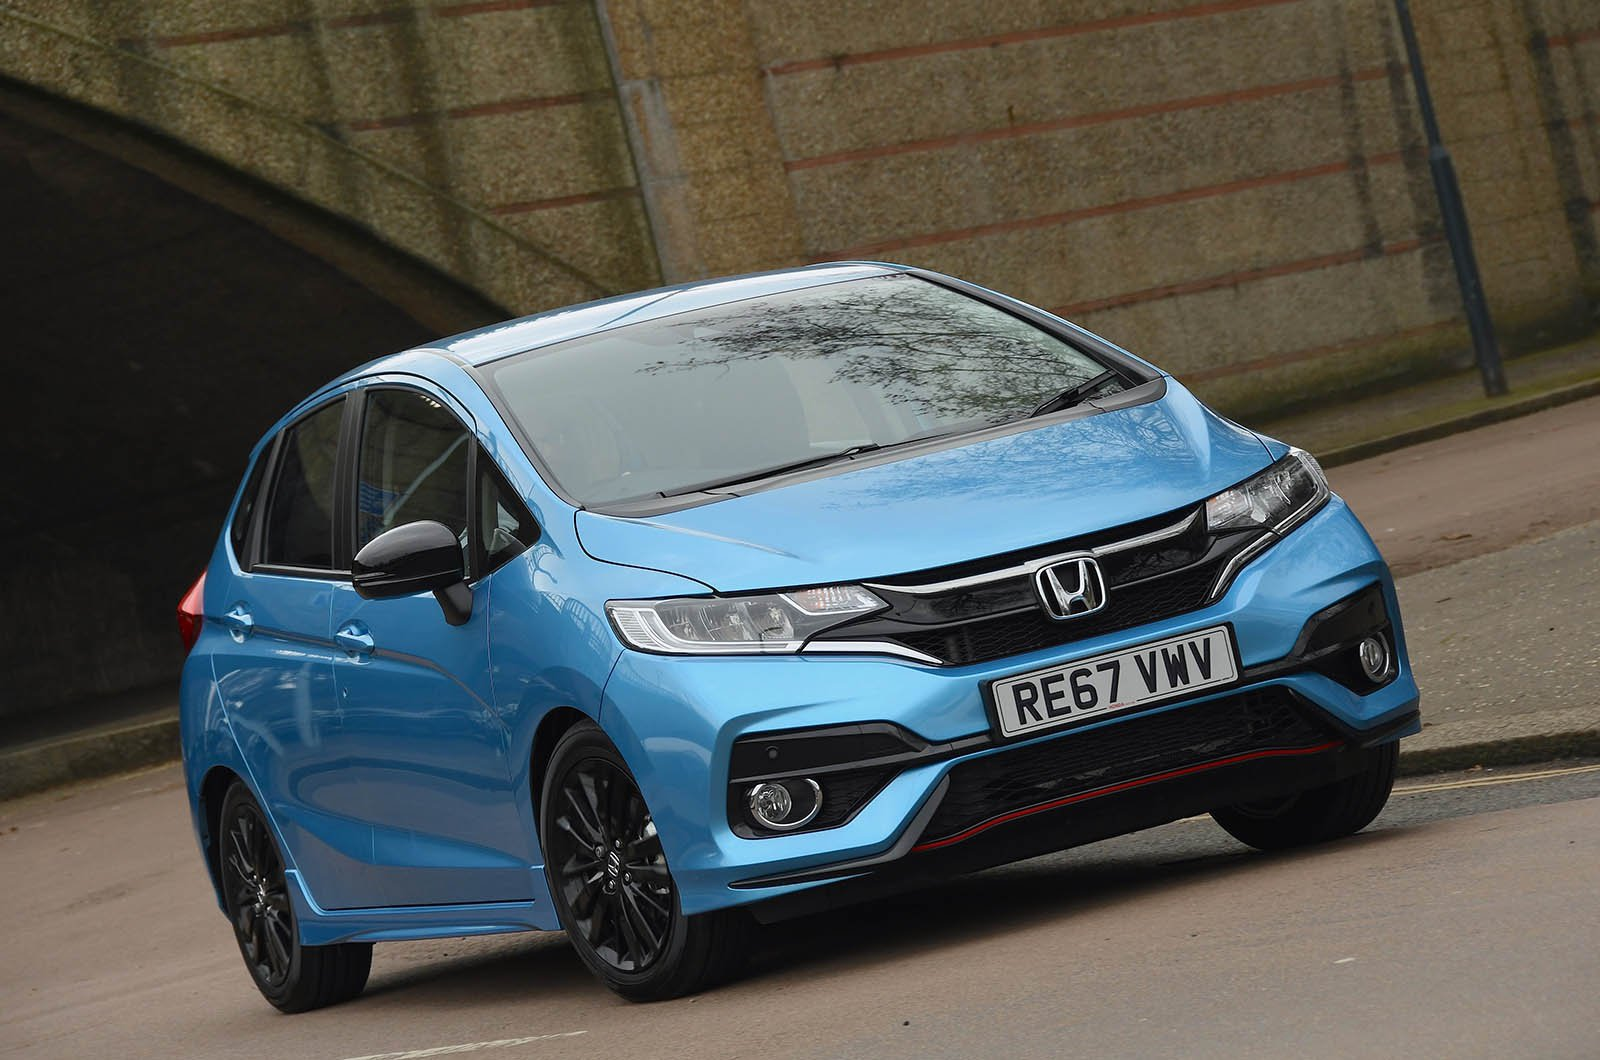 Honda Jazz 1.3 i-VTEC SE CVT auto